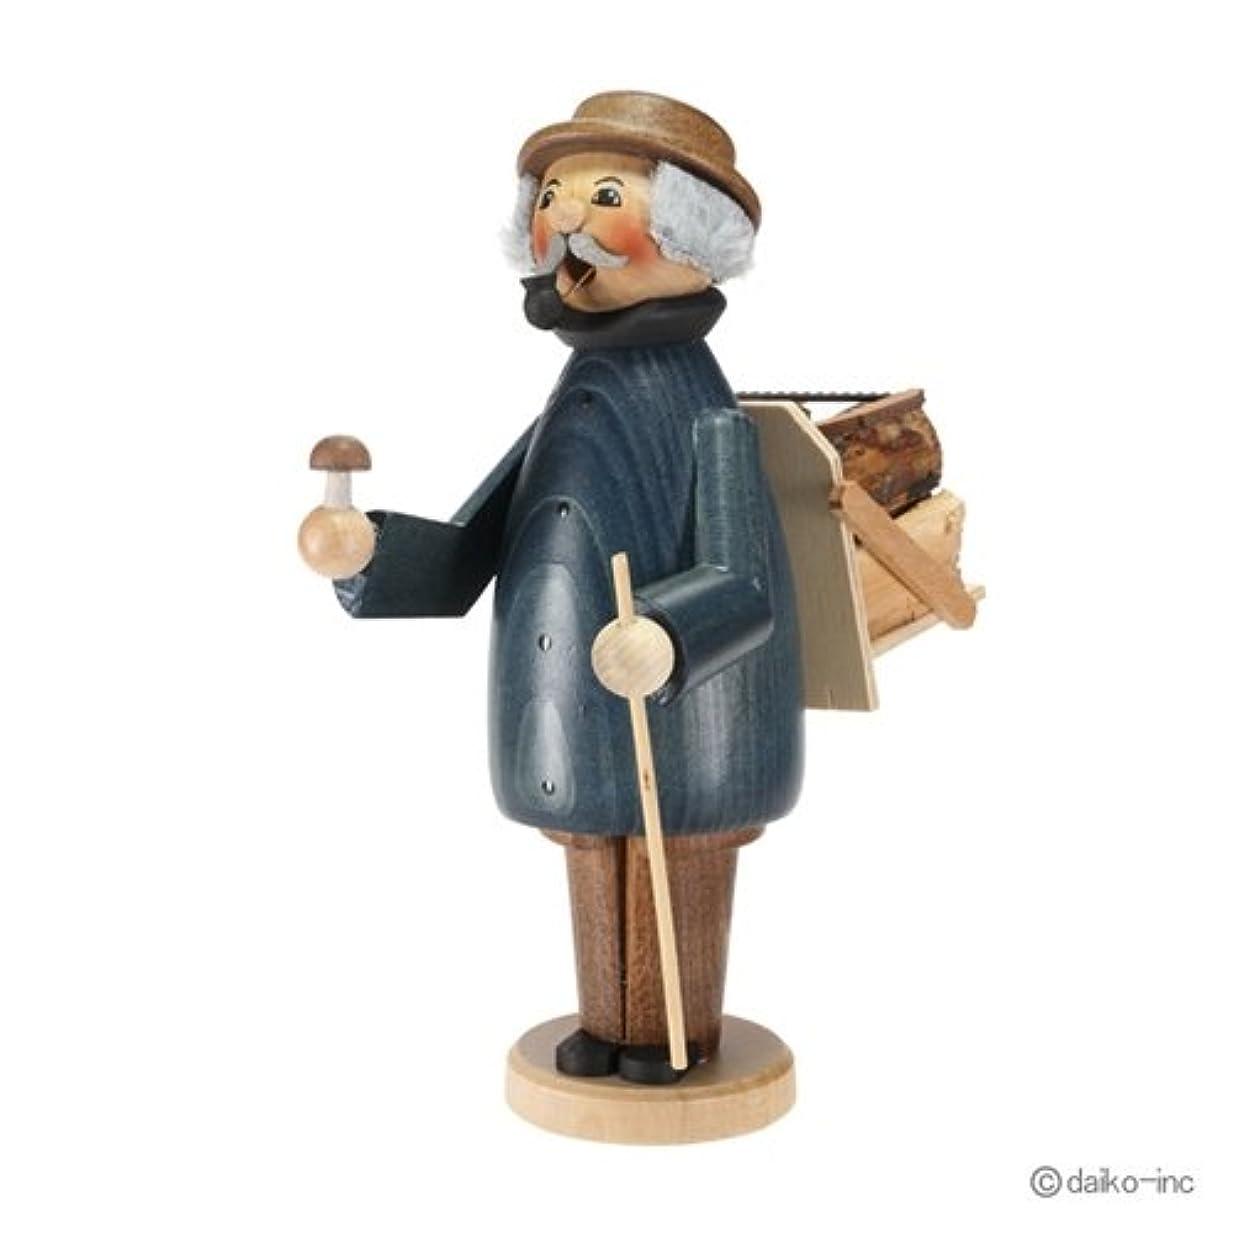 パーフェルビッド見出し方向クーネルト kuhnert ミニパイプ人形香炉 薪拾い